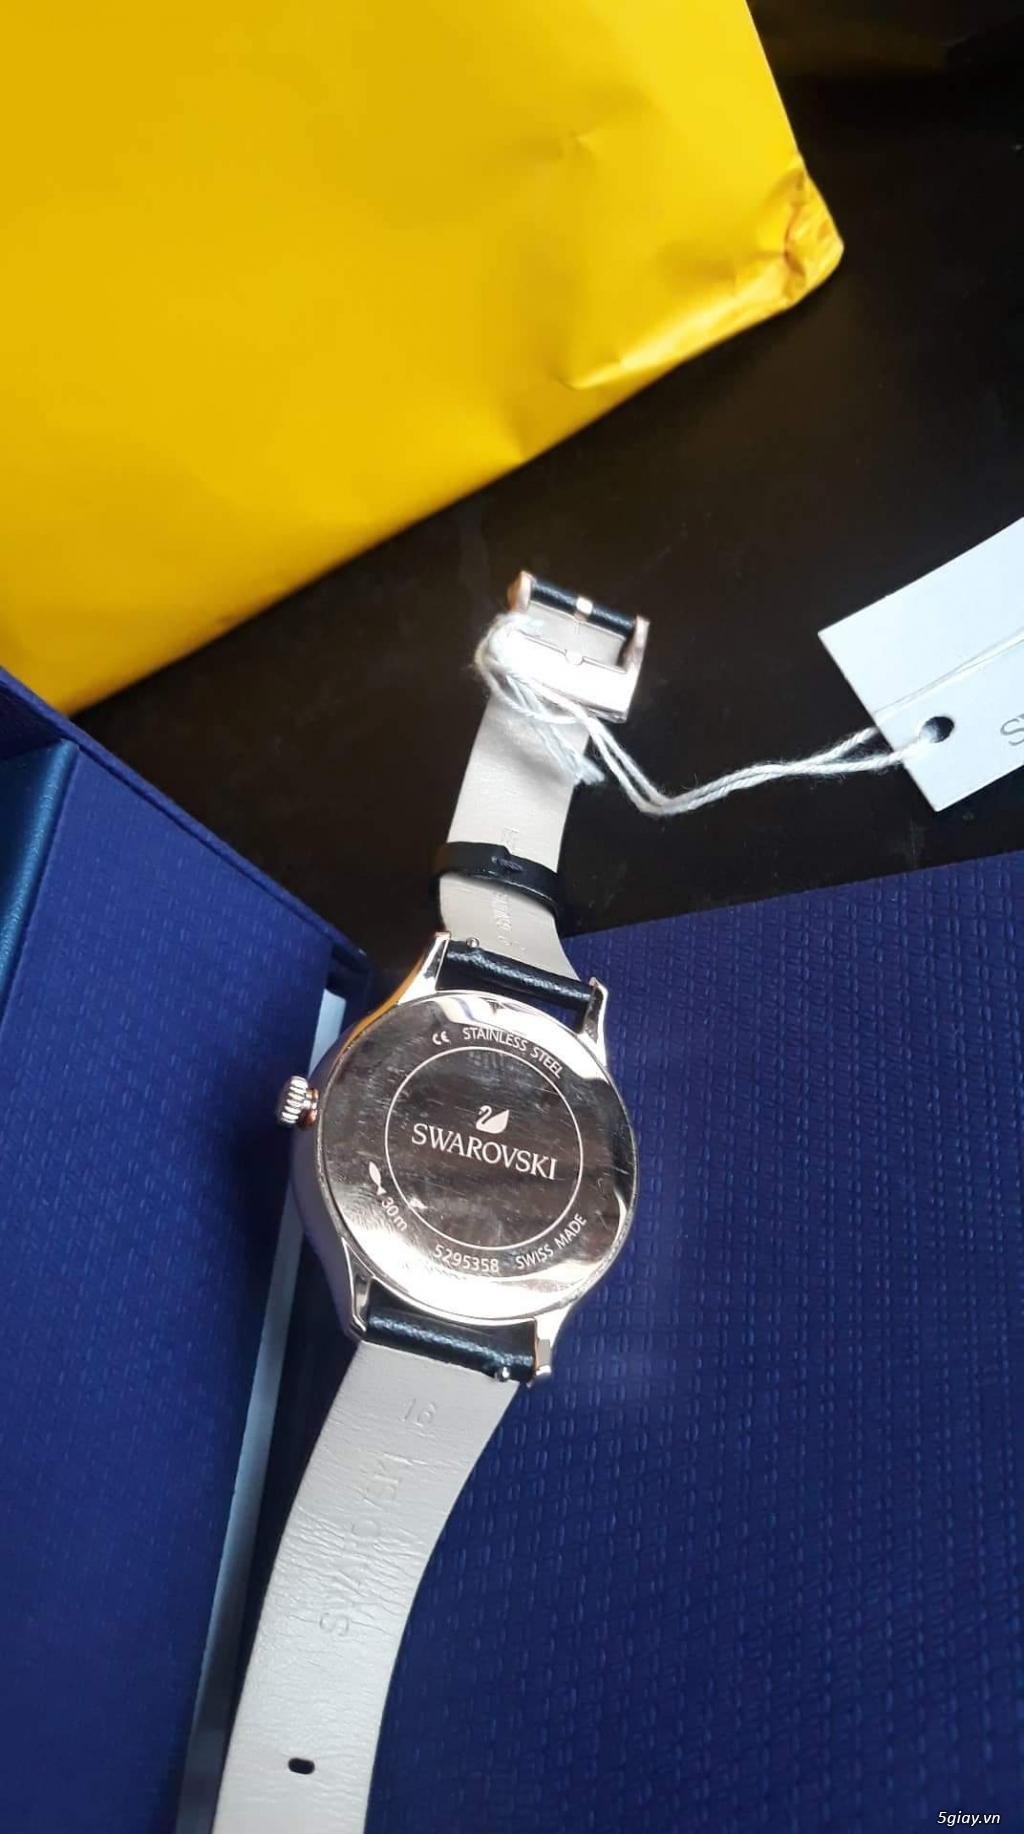 Bán đồng hồ Swarovski chính hãng - 1